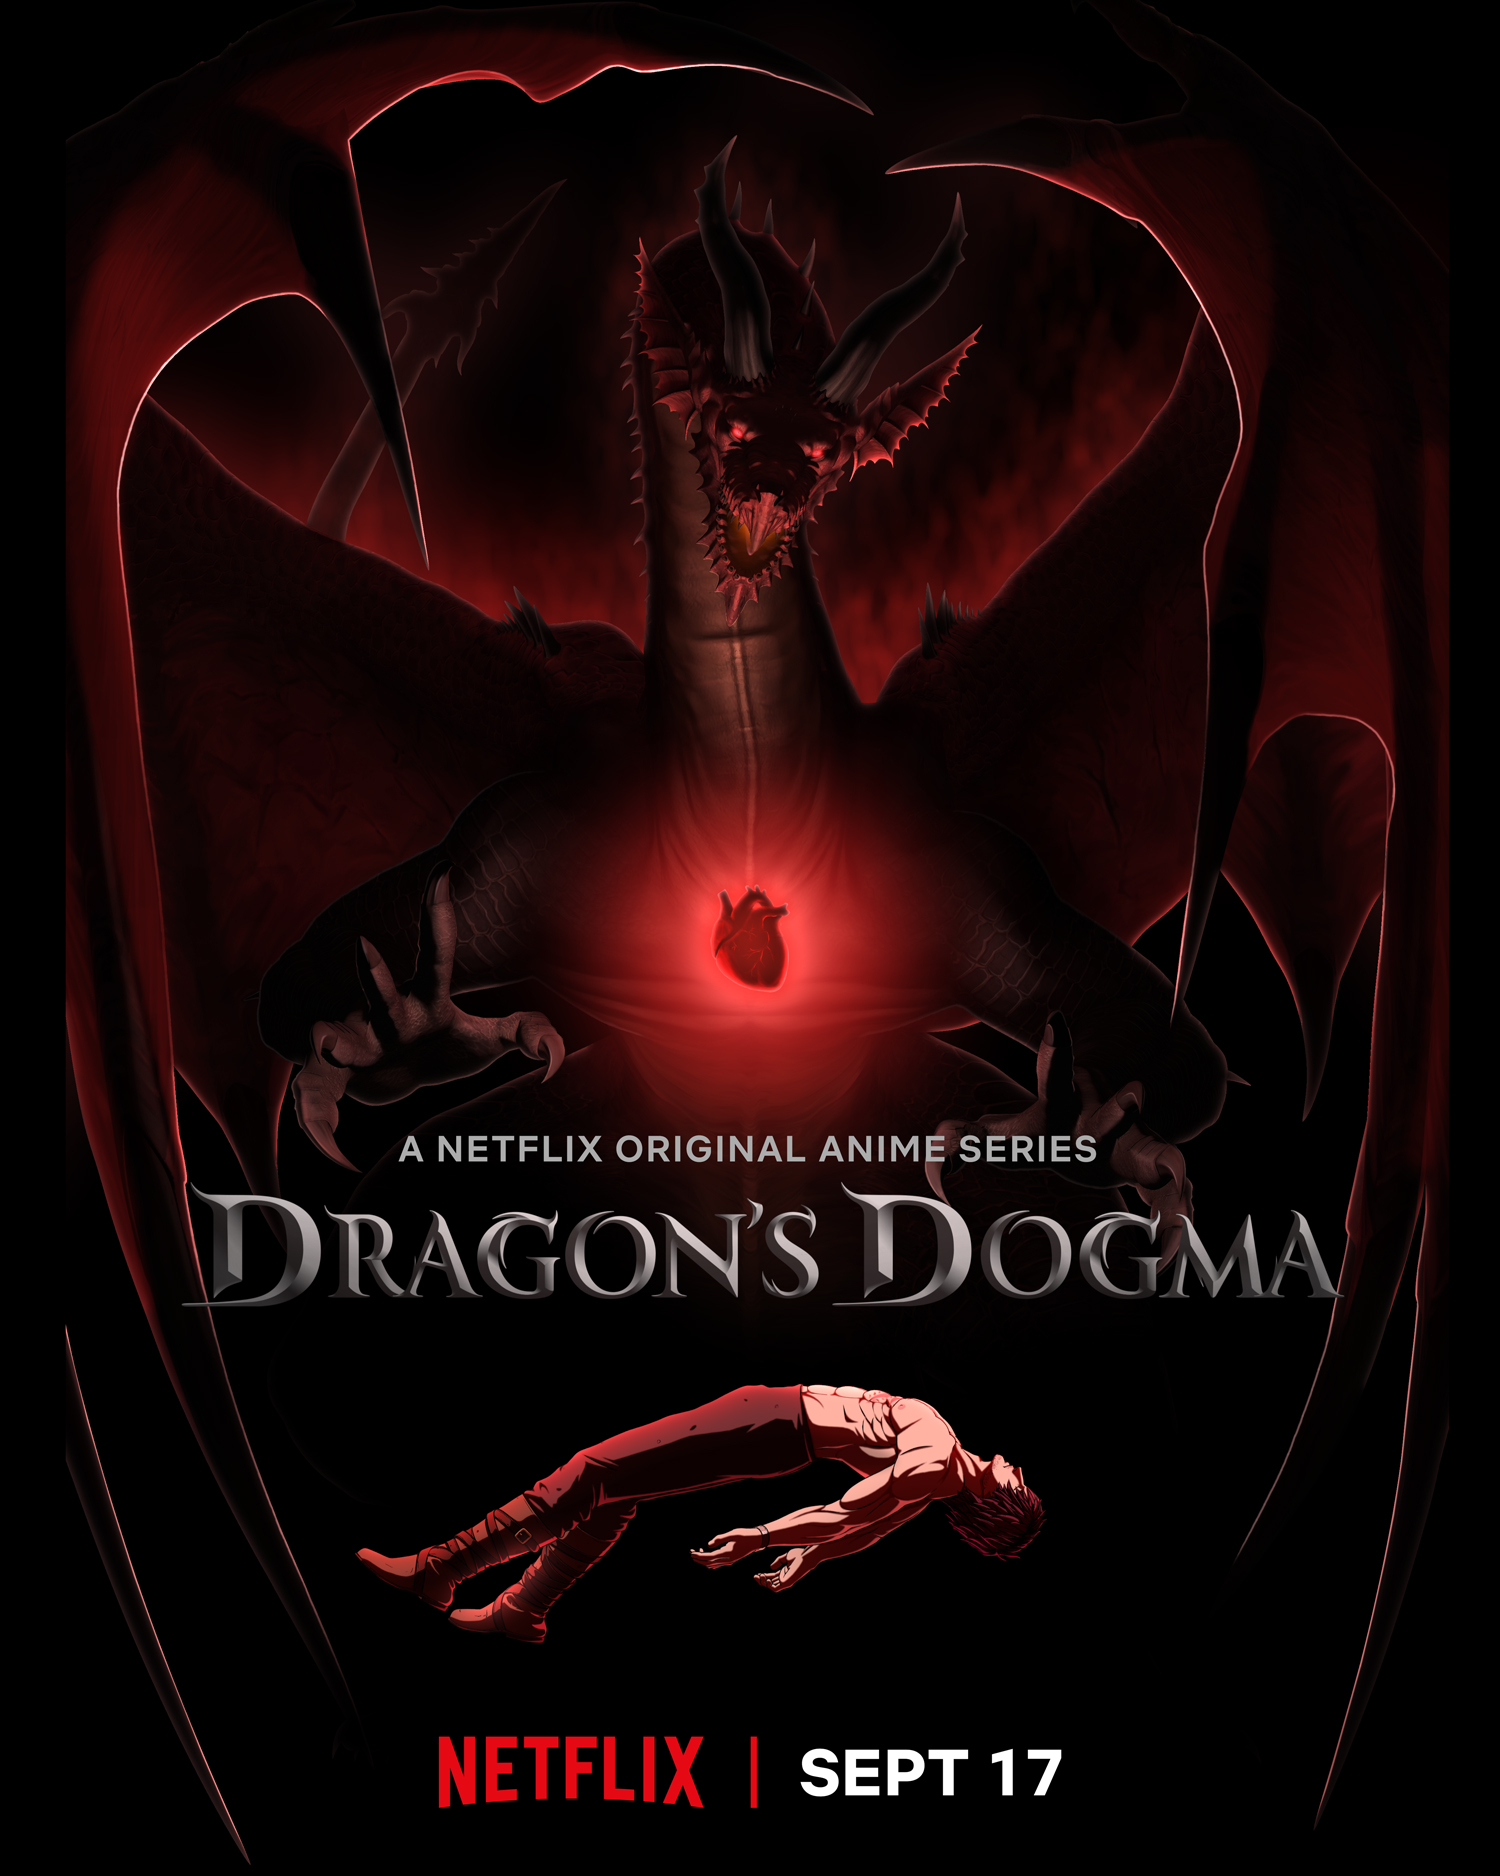 Dragon's Dogma anime coming to Netflix